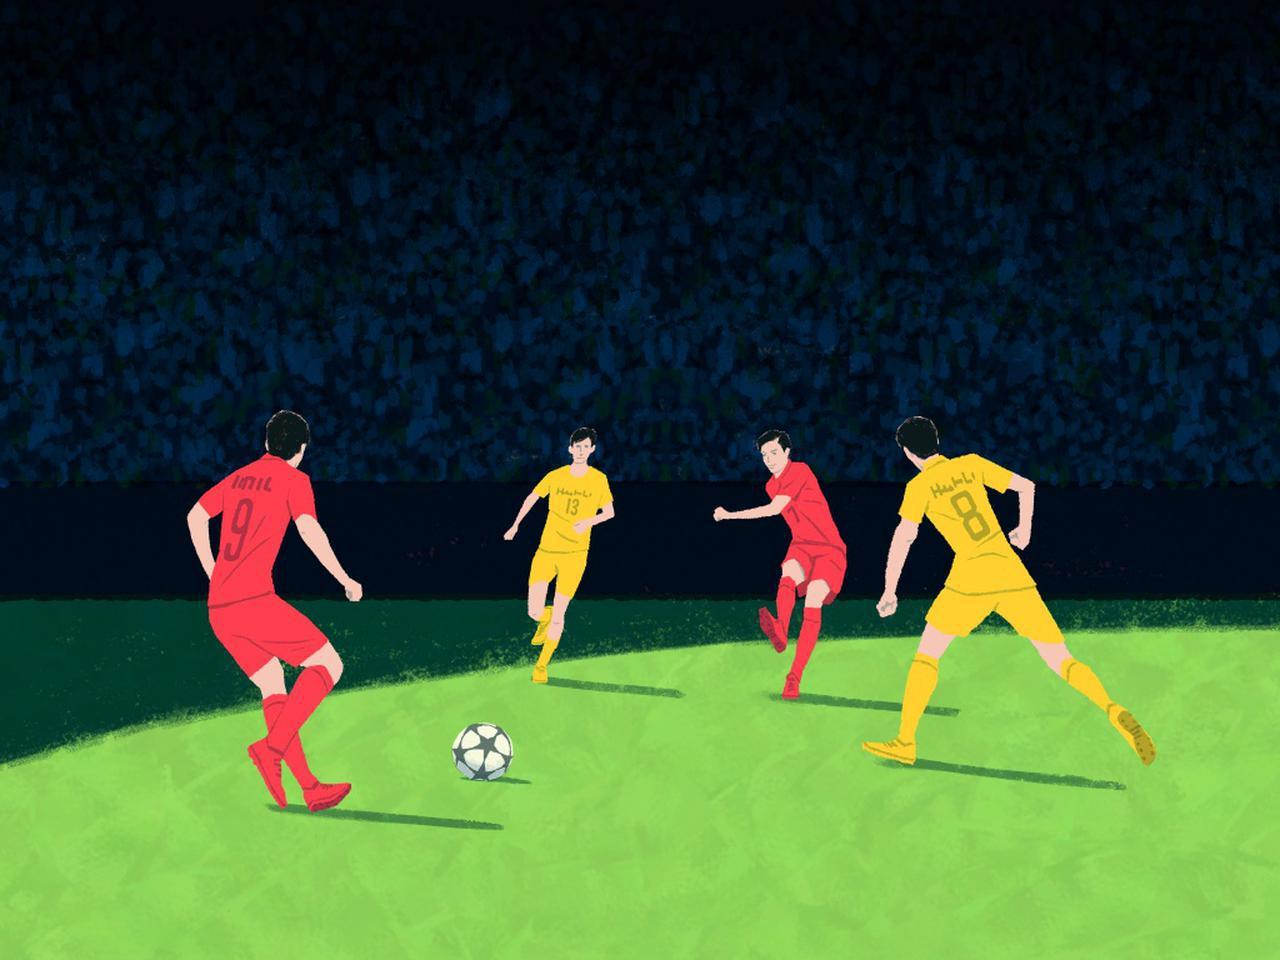 画像: サッカーで全員がボールを取りに行くと成立しない